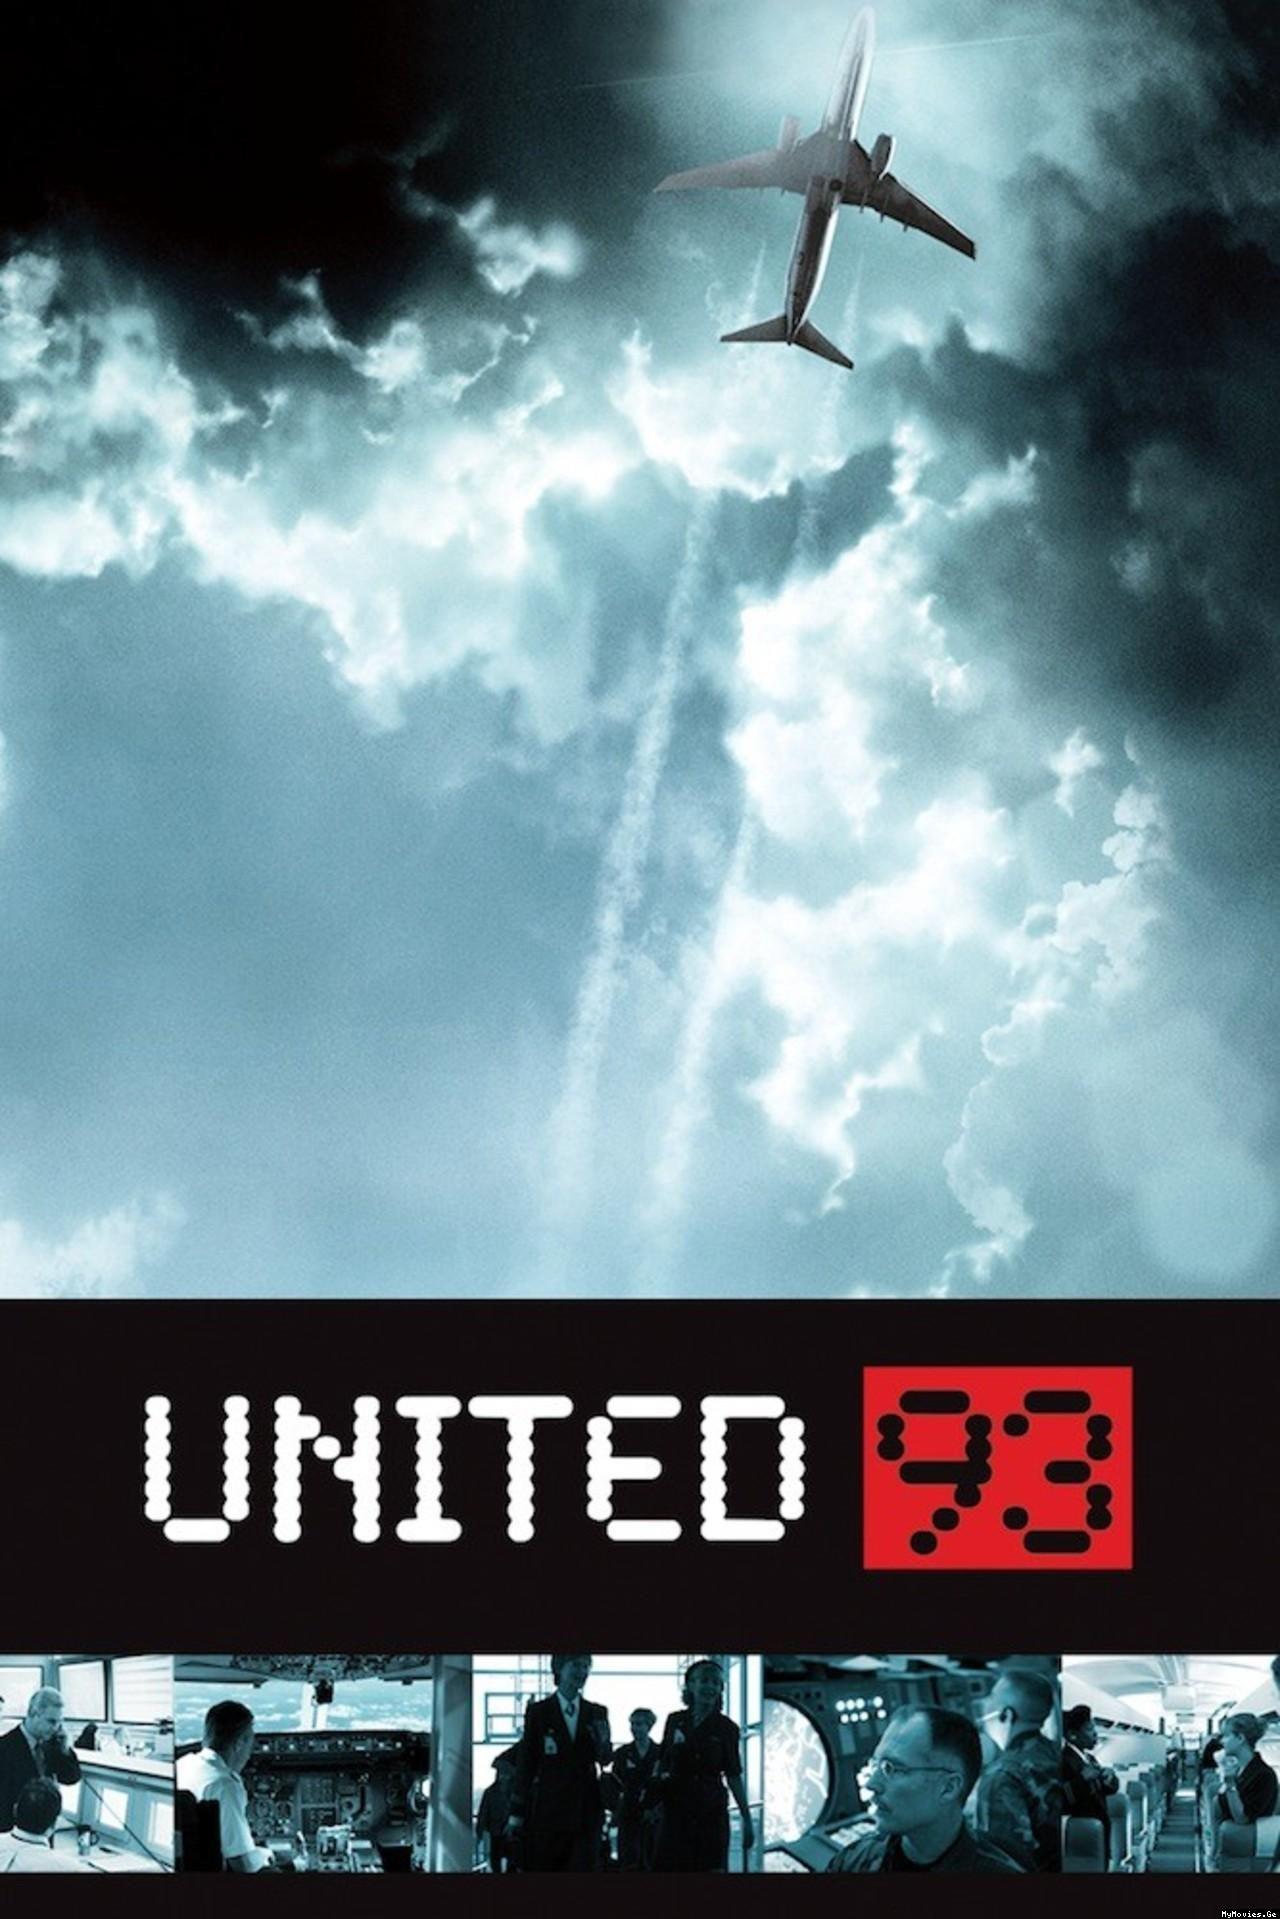 United 93 2006 Paul Greengrass Ver Peliculas Gratis Ver Peliculas Online Ver Películas